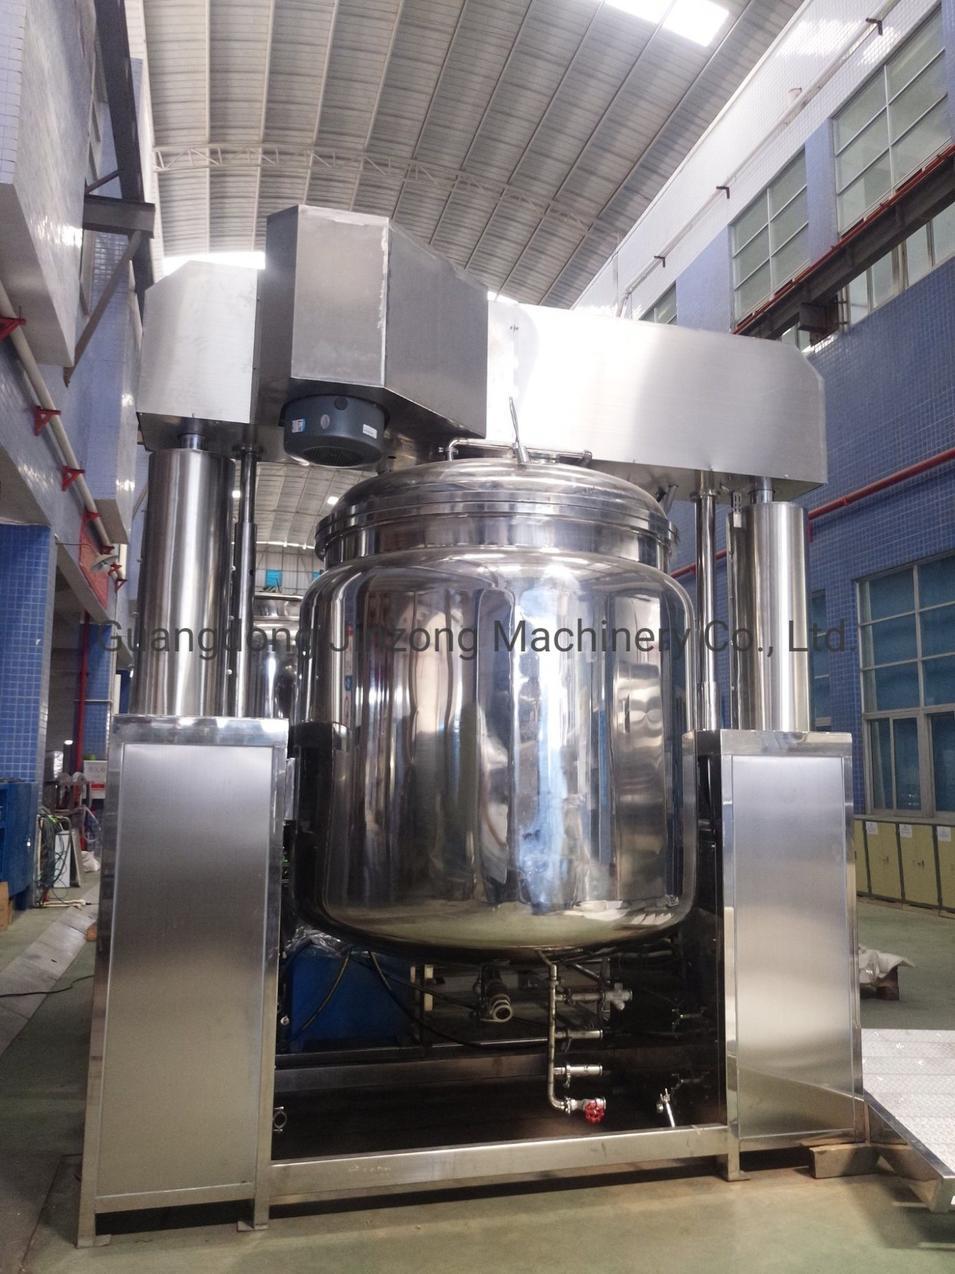 2000 Liter Vacuum Emulsifier for Ointment